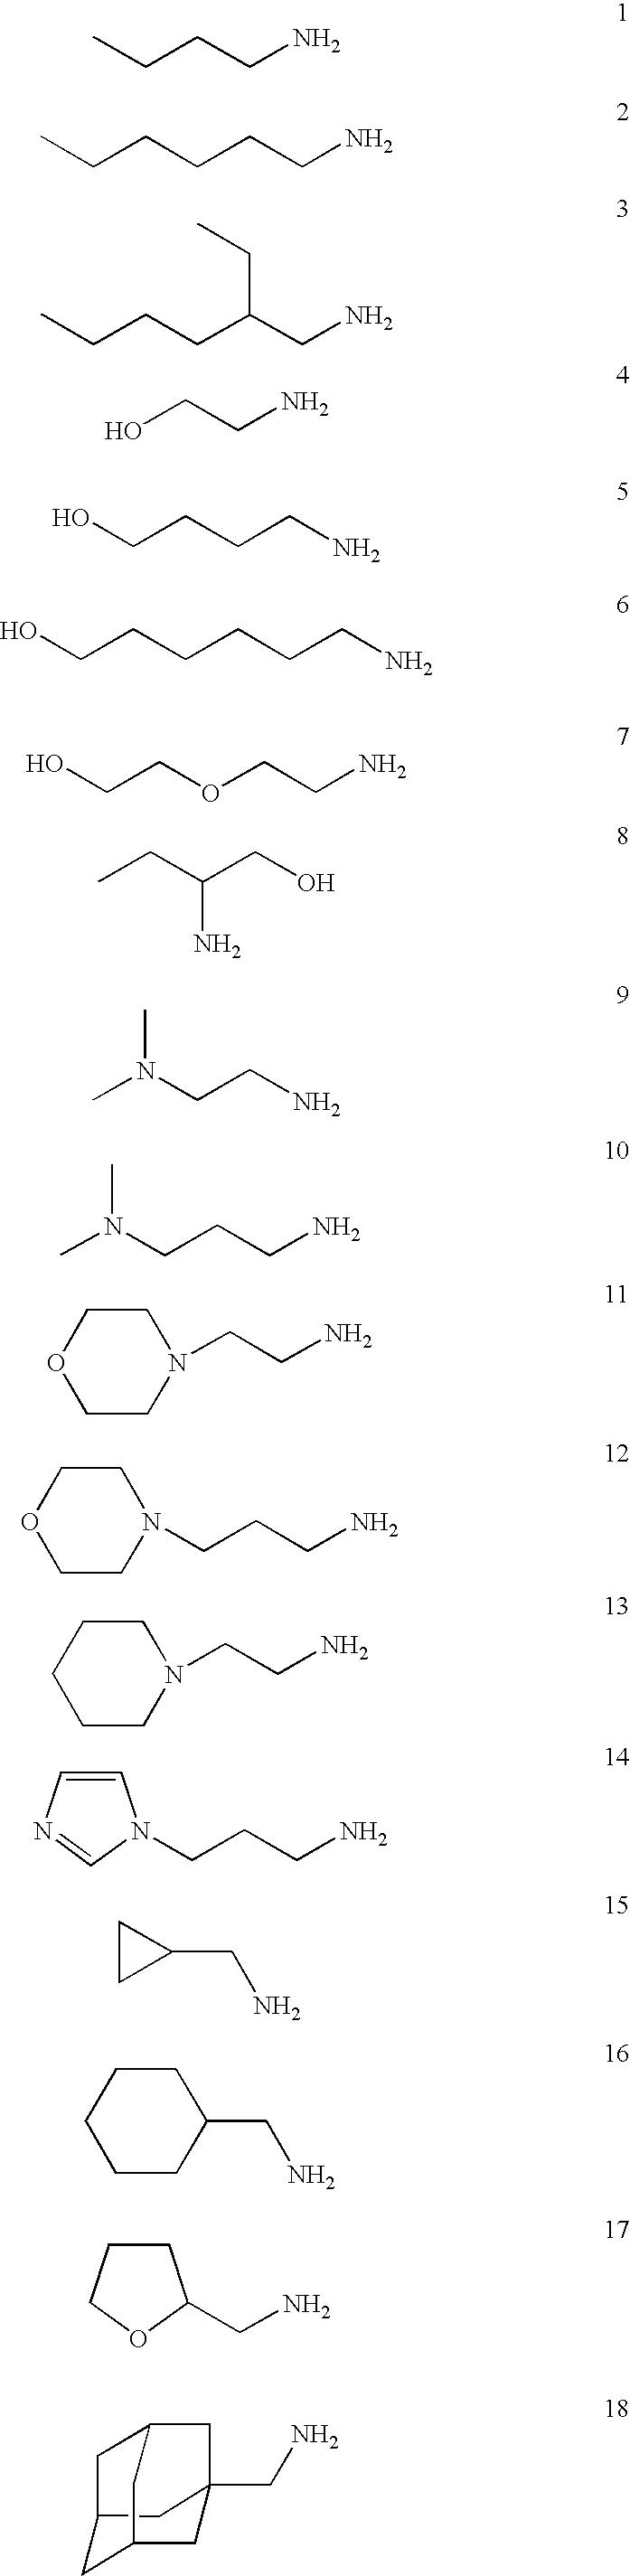 Figure US08557231-20131015-C00009